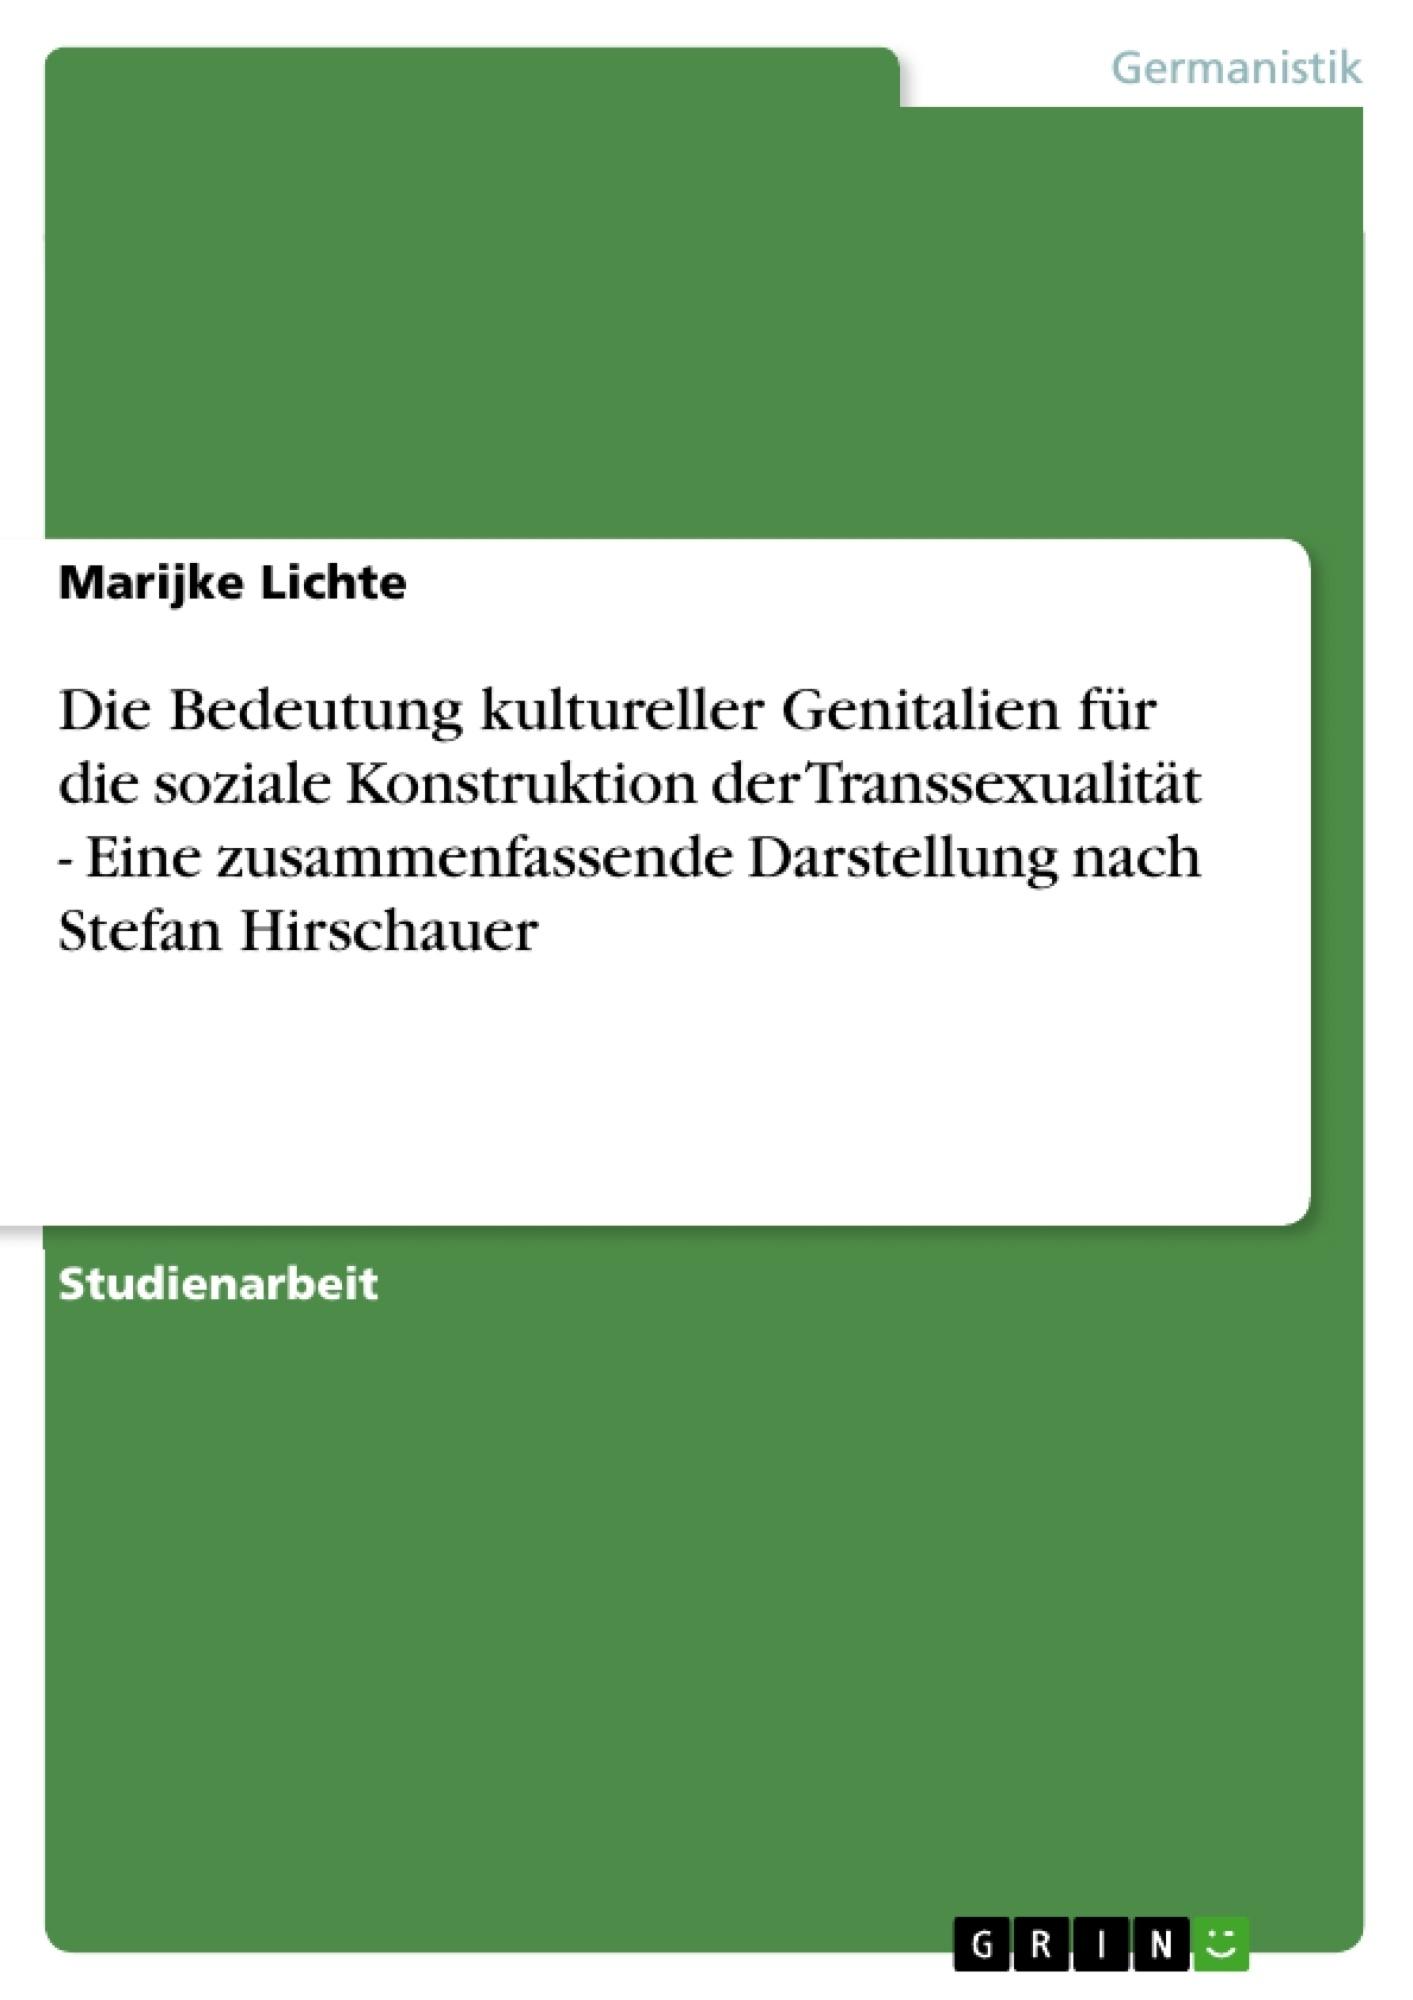 Titel: Die Bedeutung kultureller Genitalien für die soziale Konstruktion der Transsexualität - Eine zusammenfassende Darstellung nach Stefan Hirschauer